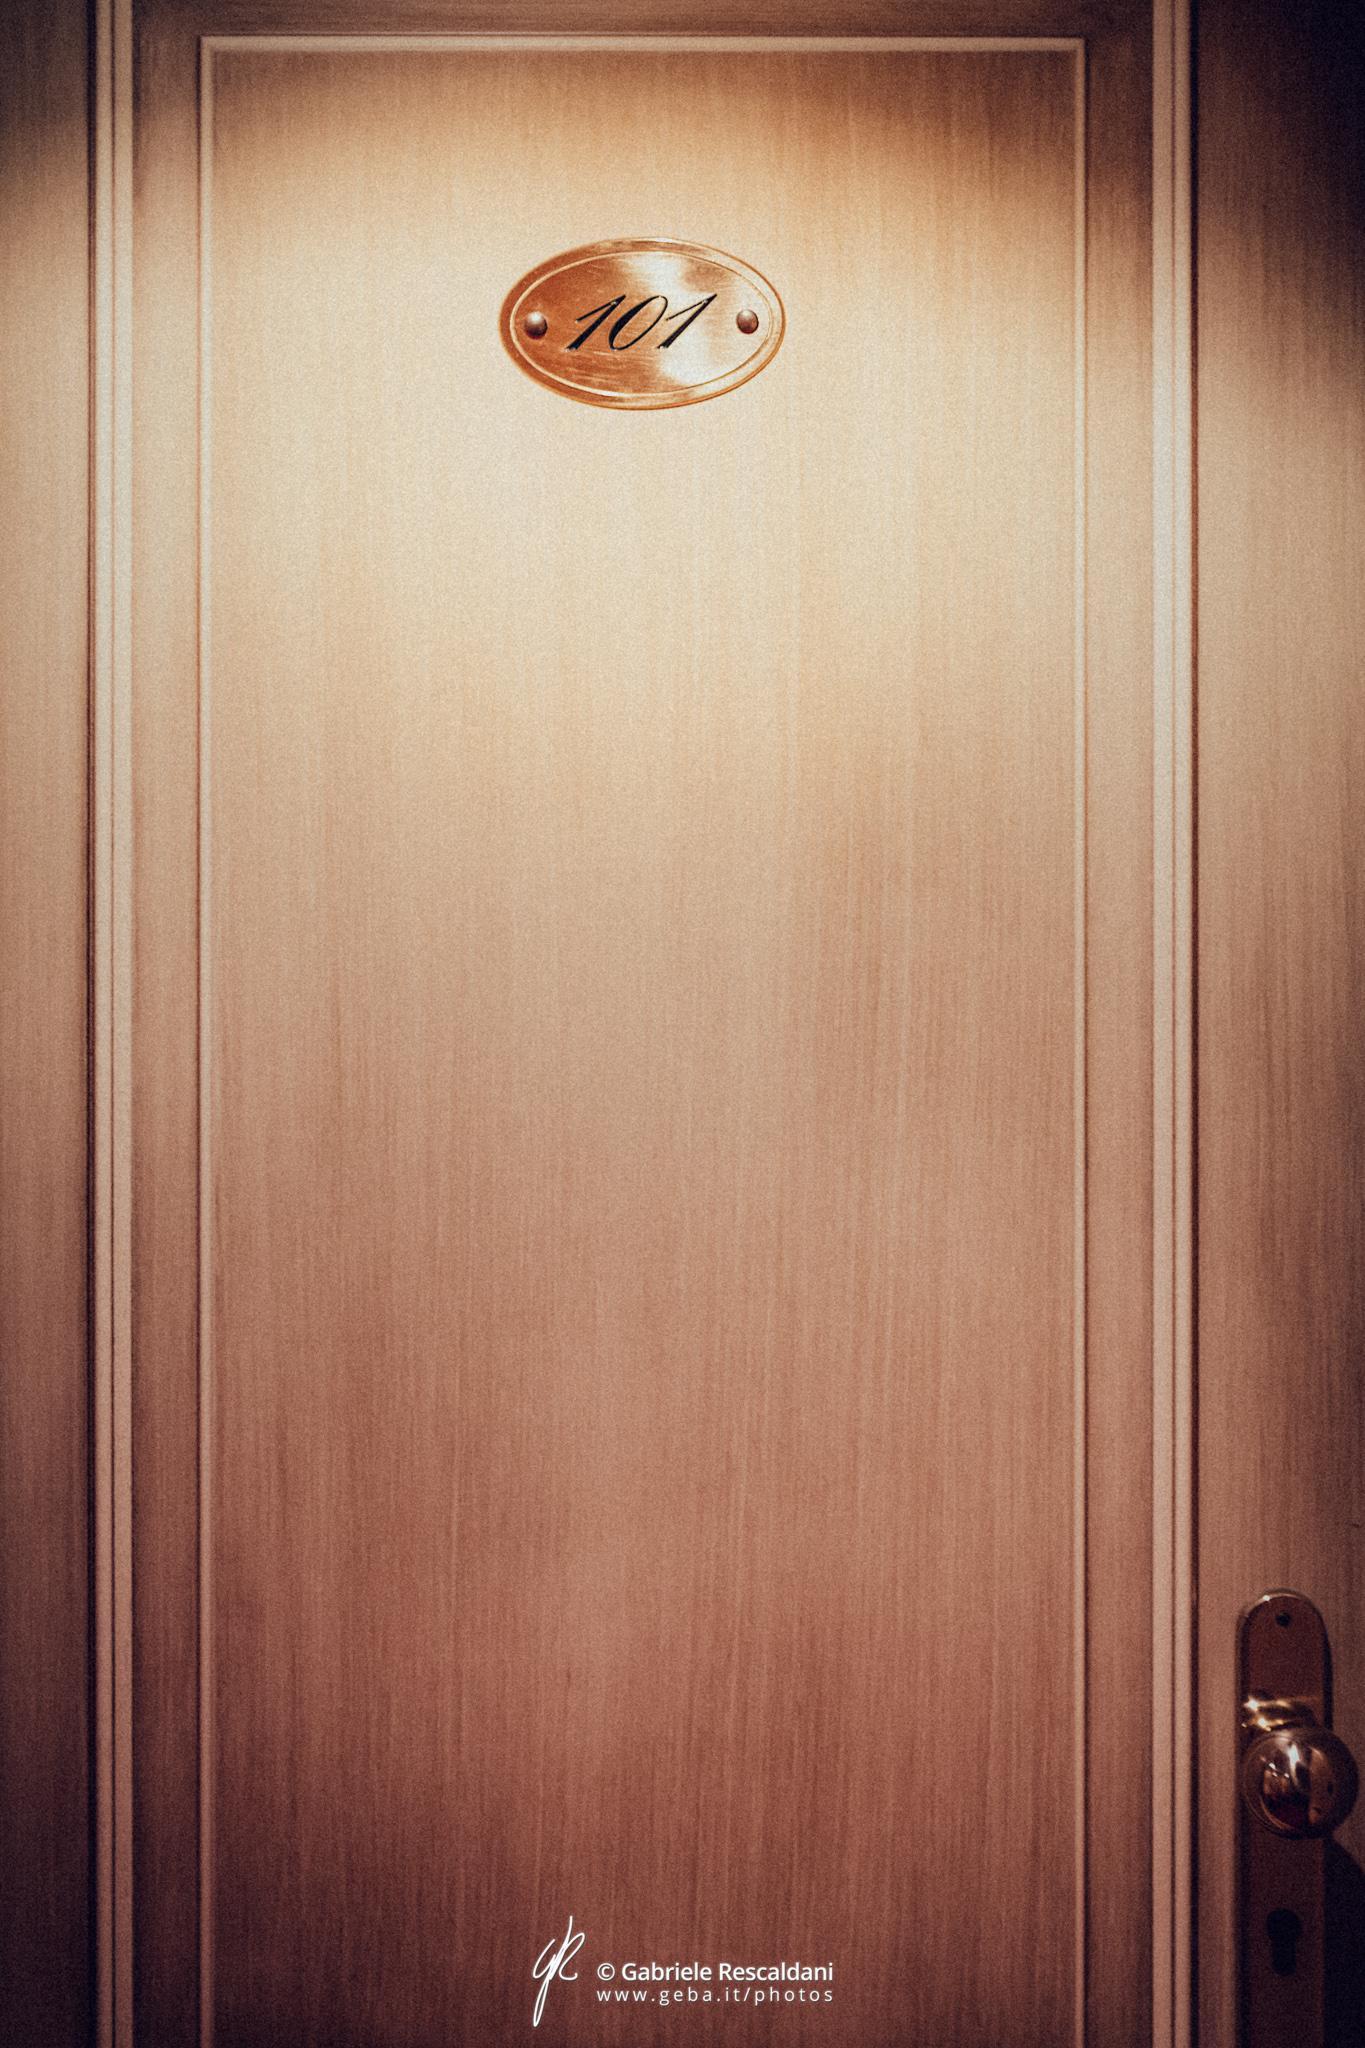 Dirty pages of room 101 / Грязные страницы номера 101 / Gabriele Rescaldani